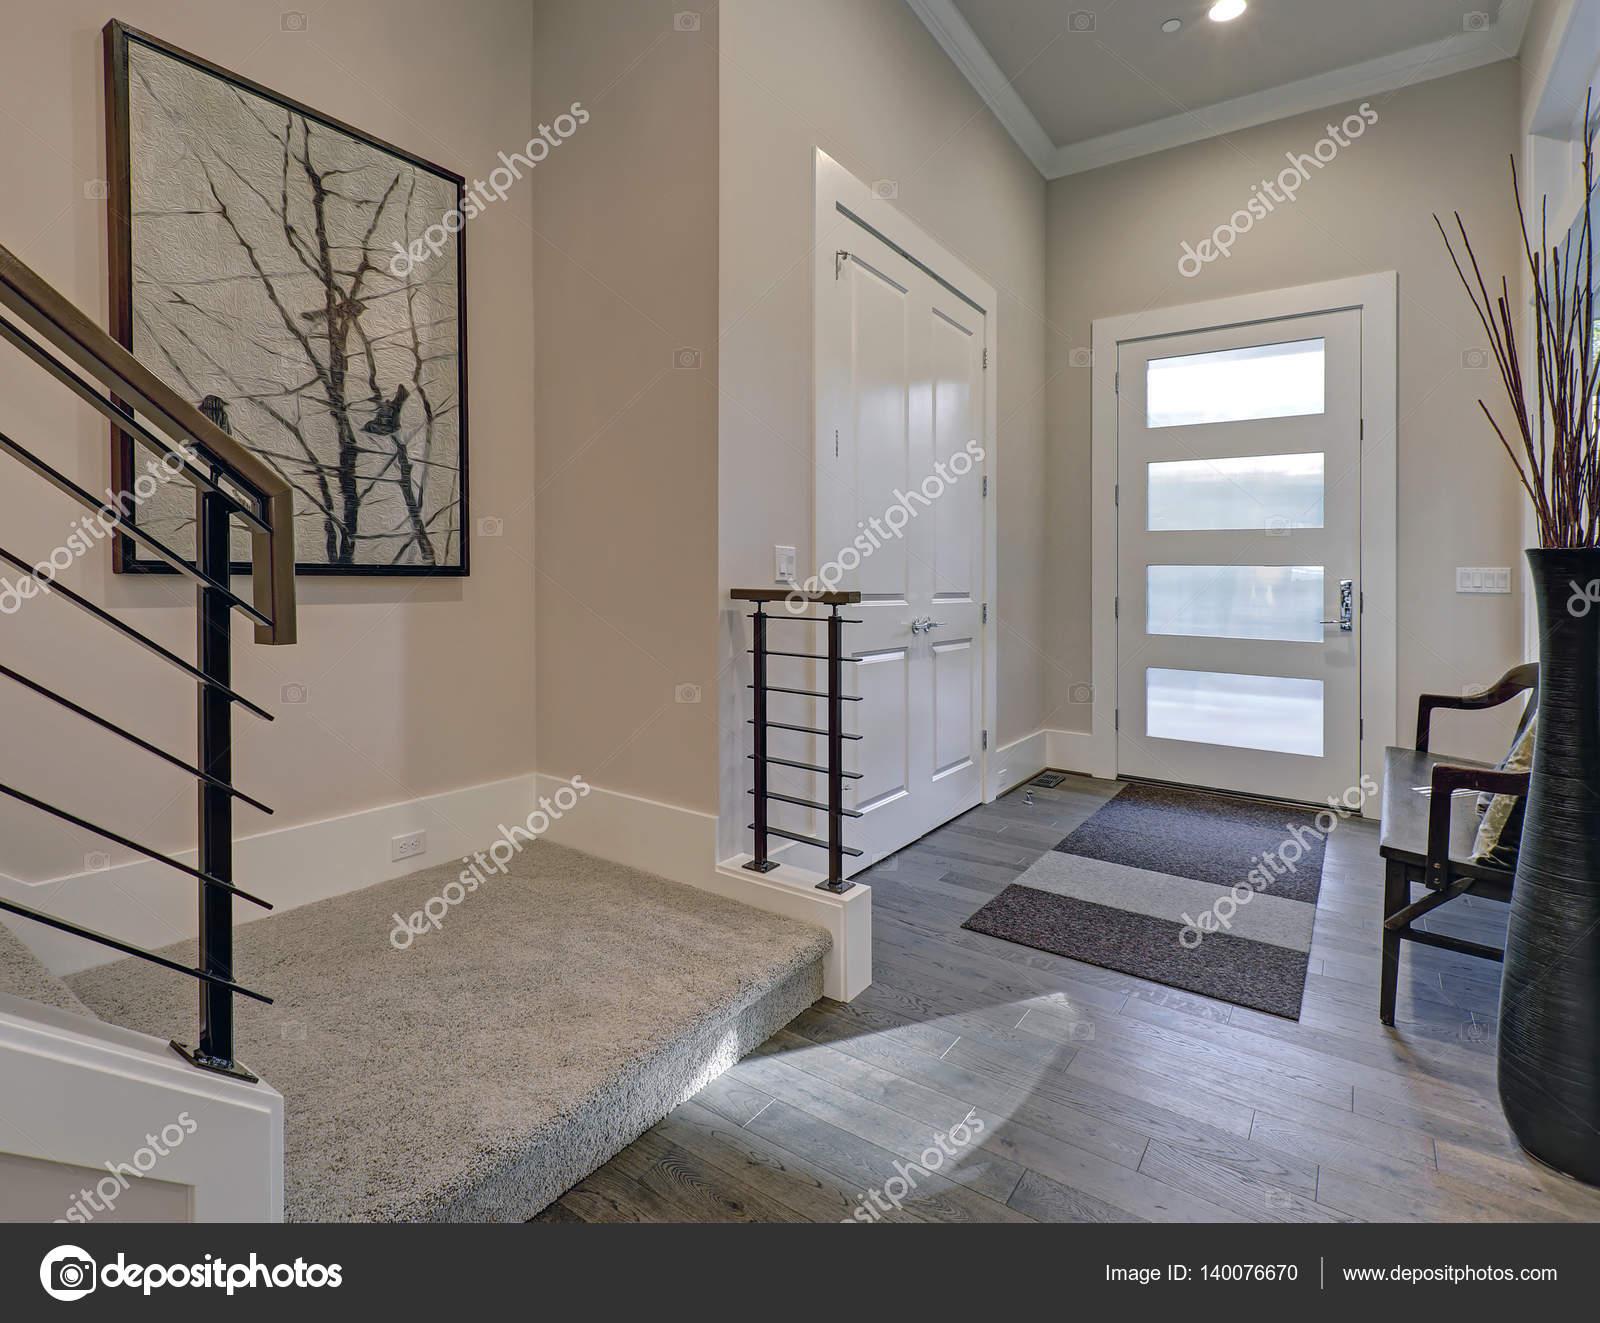 Fußboden Im Eingangsbereich ~ Hellen eingangsbereich mit cremigen wände und hartholz fußboden